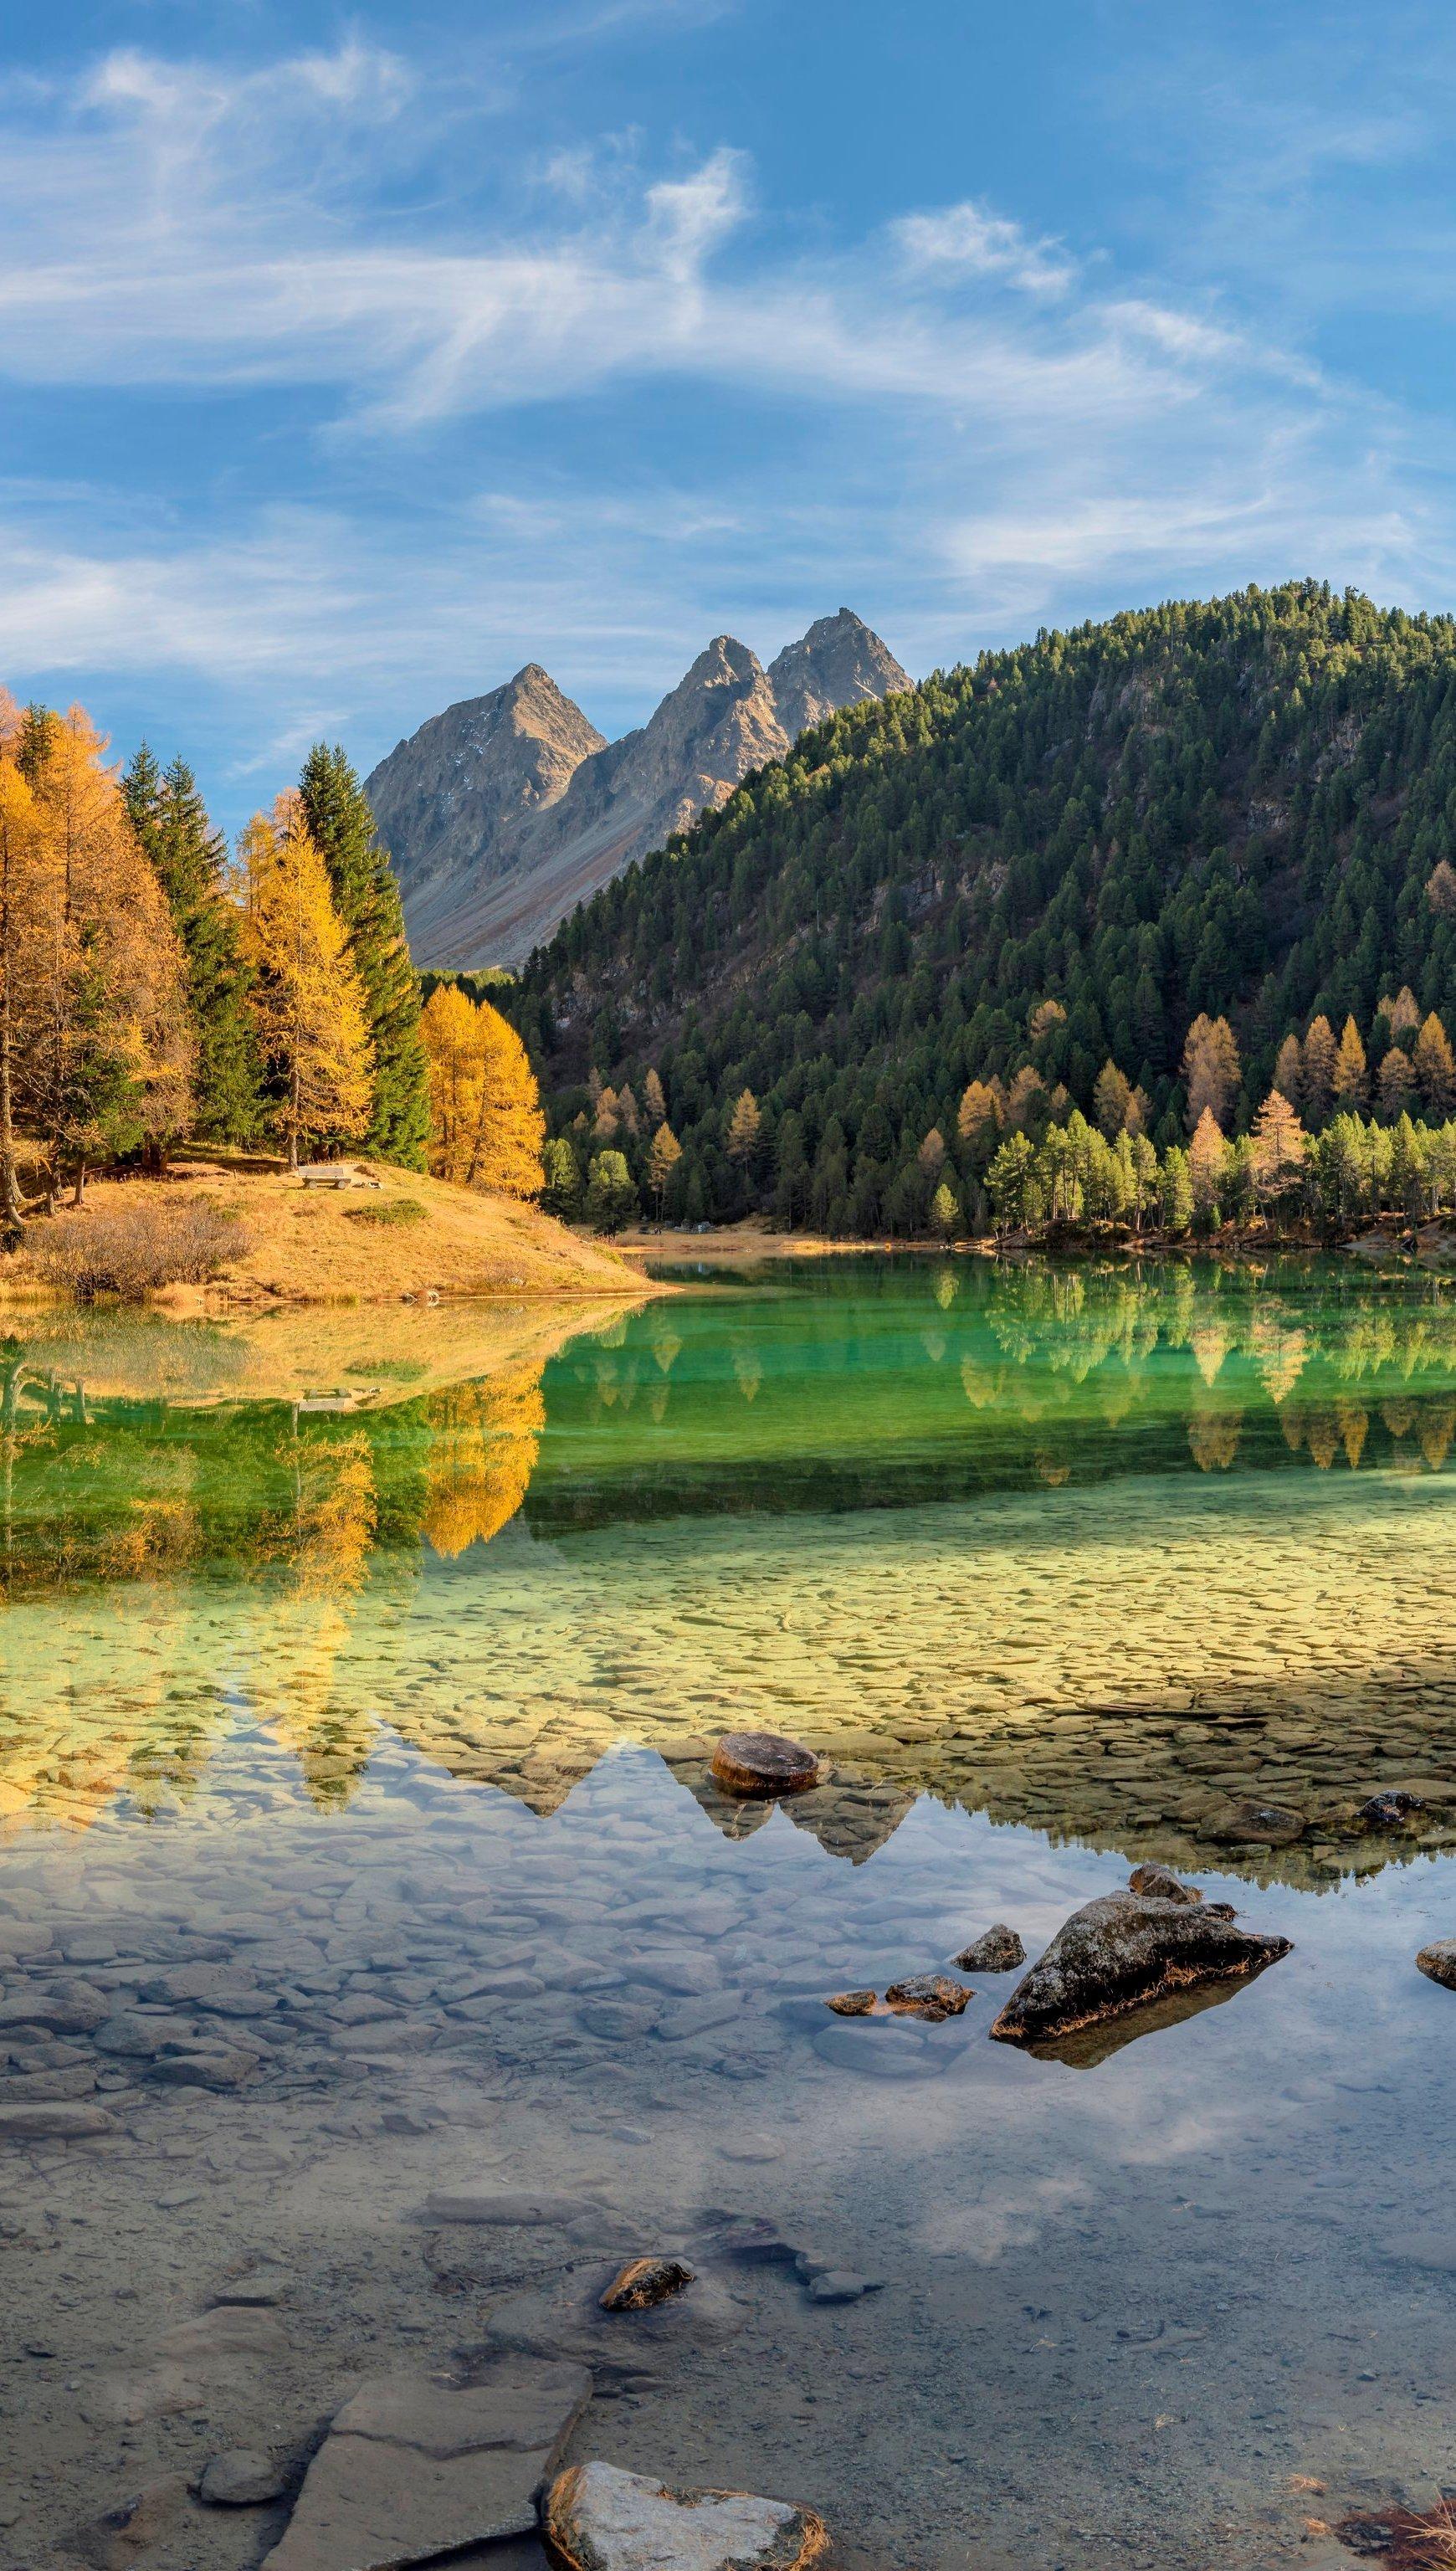 Fondos de pantalla Lago Lai da Palpuogna en Suiza Vertical